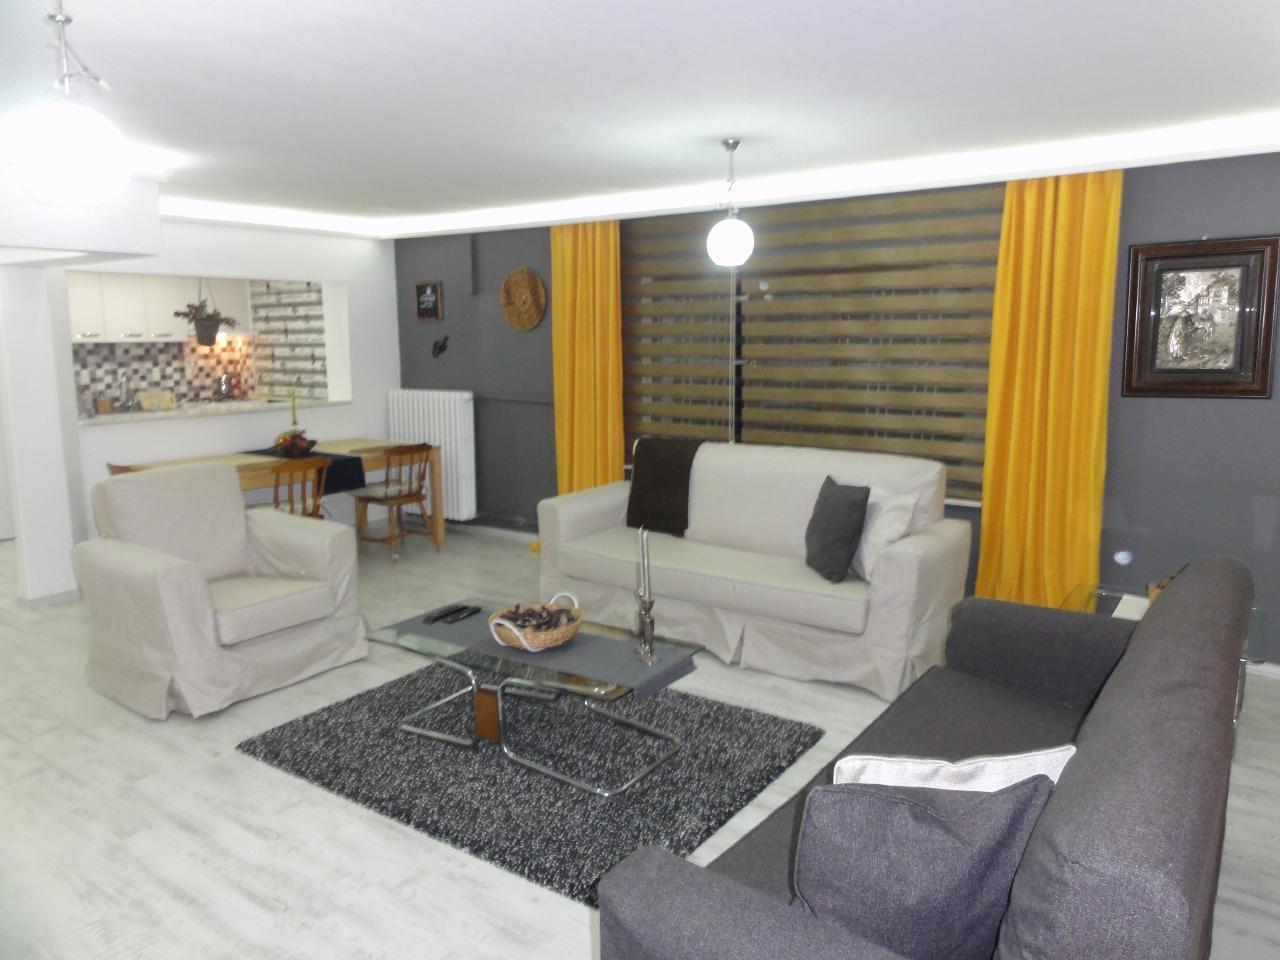 Ferienwohnung Evodak Apartment D 2 (1710501), Balgat, , Zentralanatolien, Türkei, Bild 4